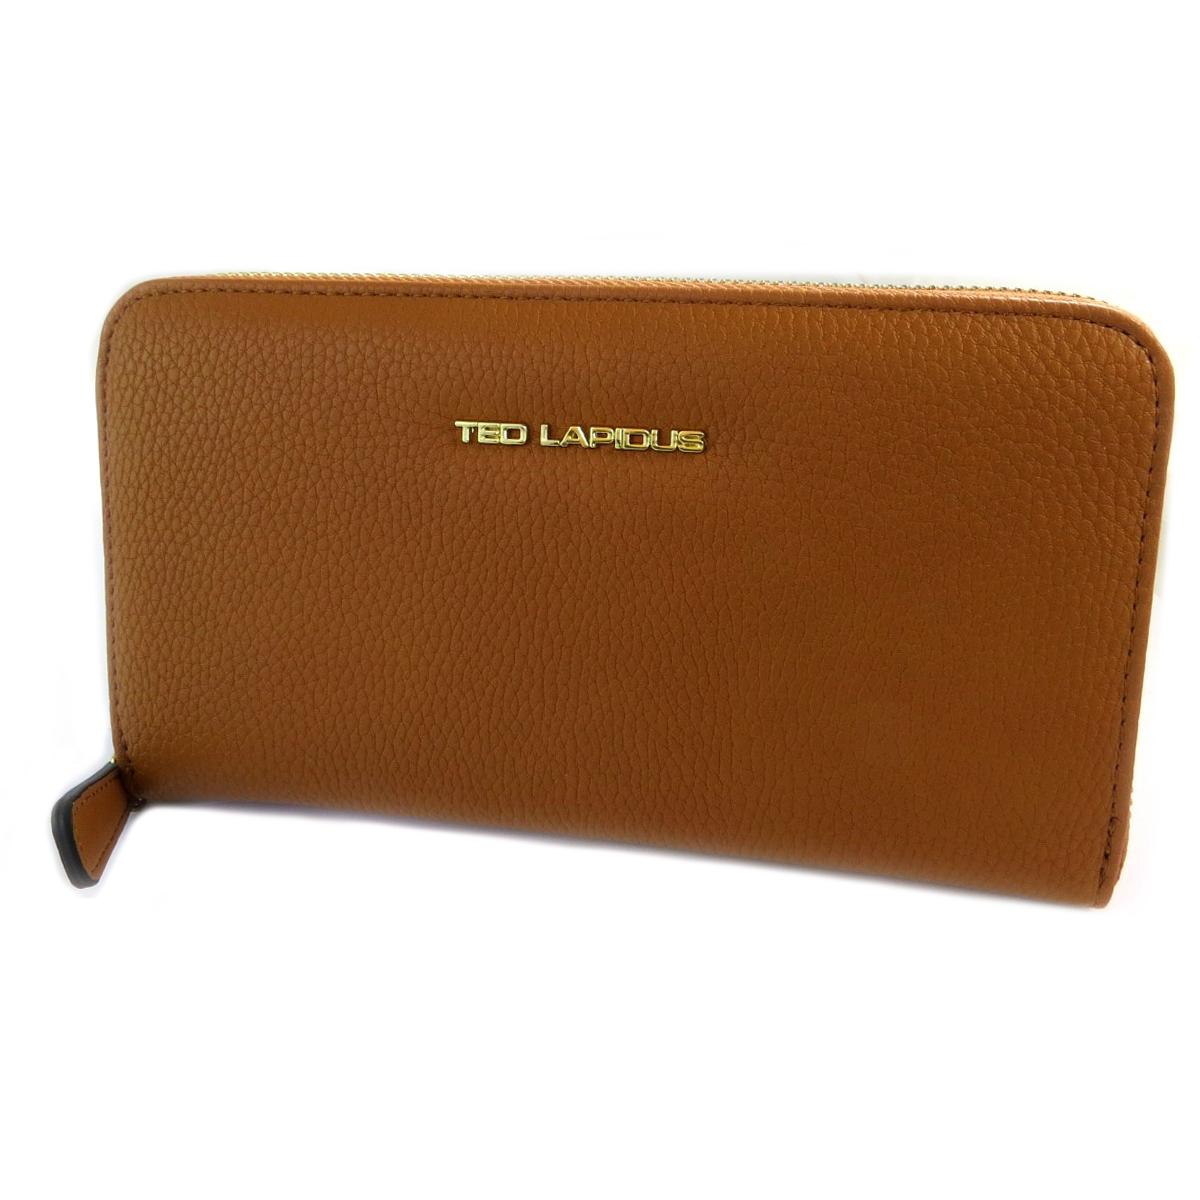 Compagnon zippé \'Ted Lapidus\' marron gold - 20x11x2 cm - [Q2244]